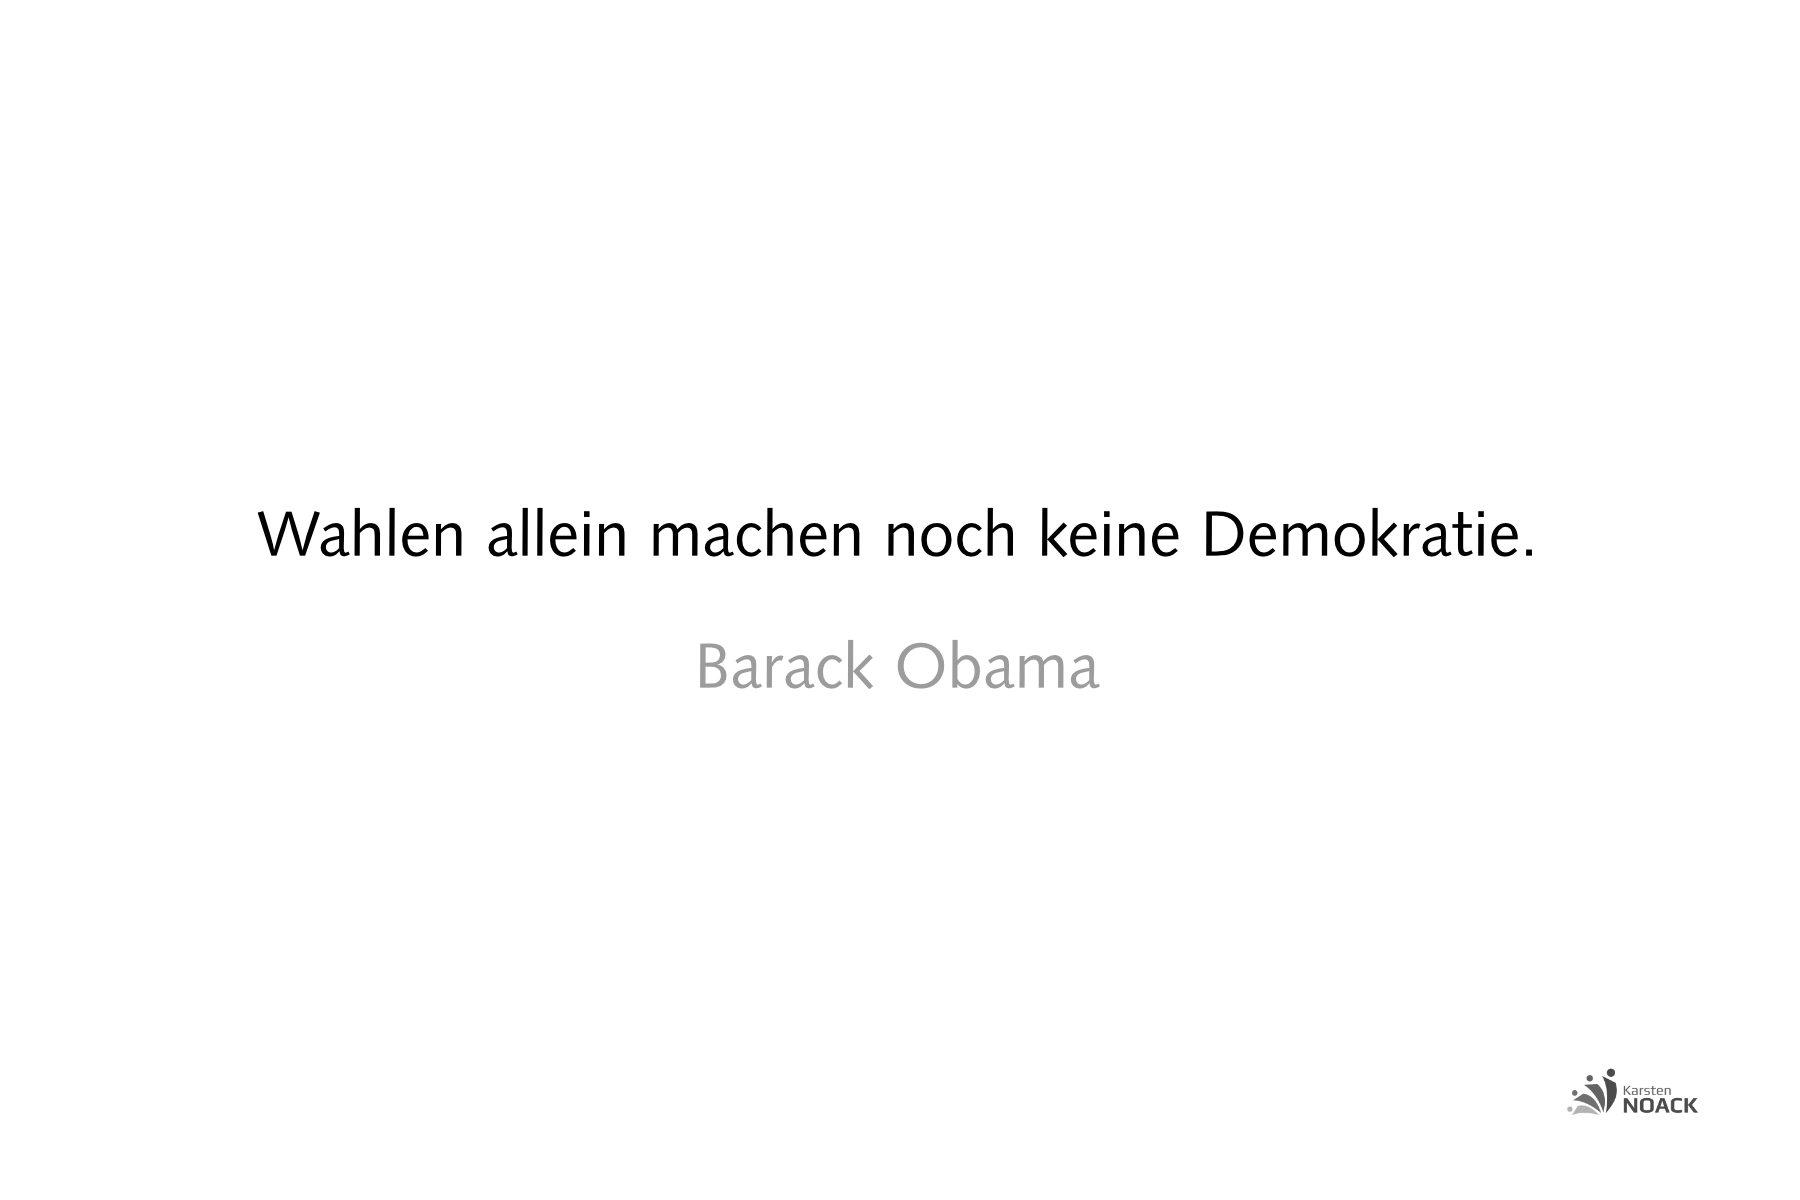 Wahlen allein machen noch keine Demokratie. Barack Obama